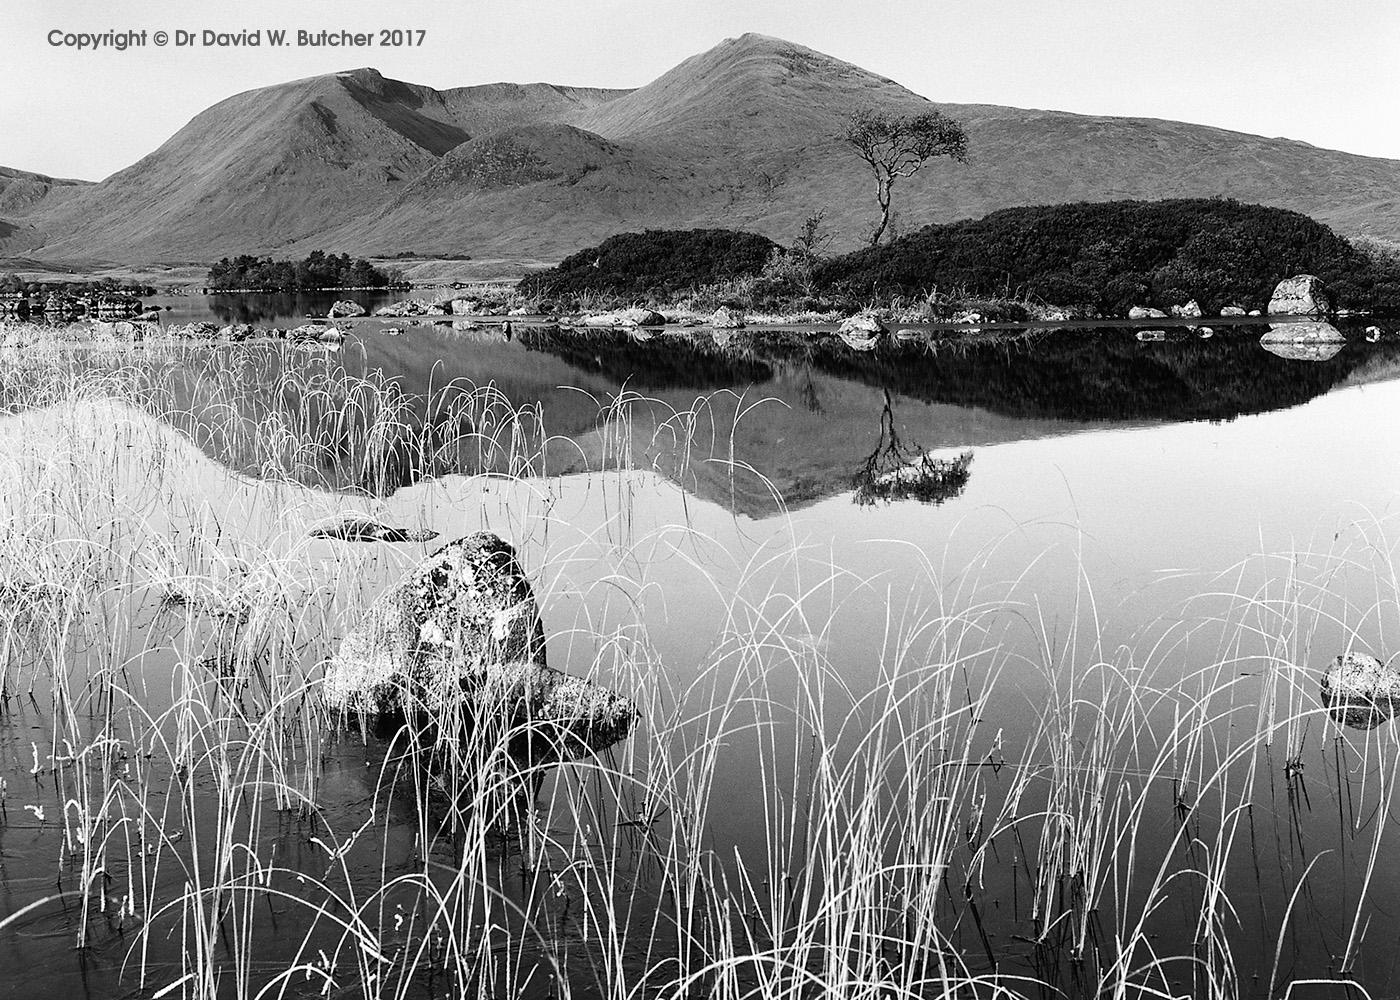 Black Mount Reflections, Rannoch Moor, Scotland